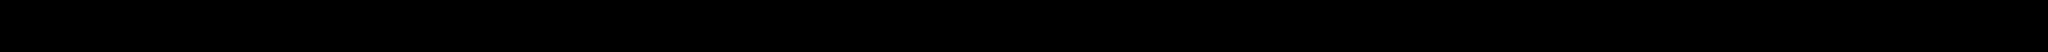 VAICO 6Q6 955 425 A, 6Q6 955 435 D, 6Q6 955 707 C, 6Q6 955 425 A, 6Q6 955 435 D Stěrač-sada, čiżtění oken